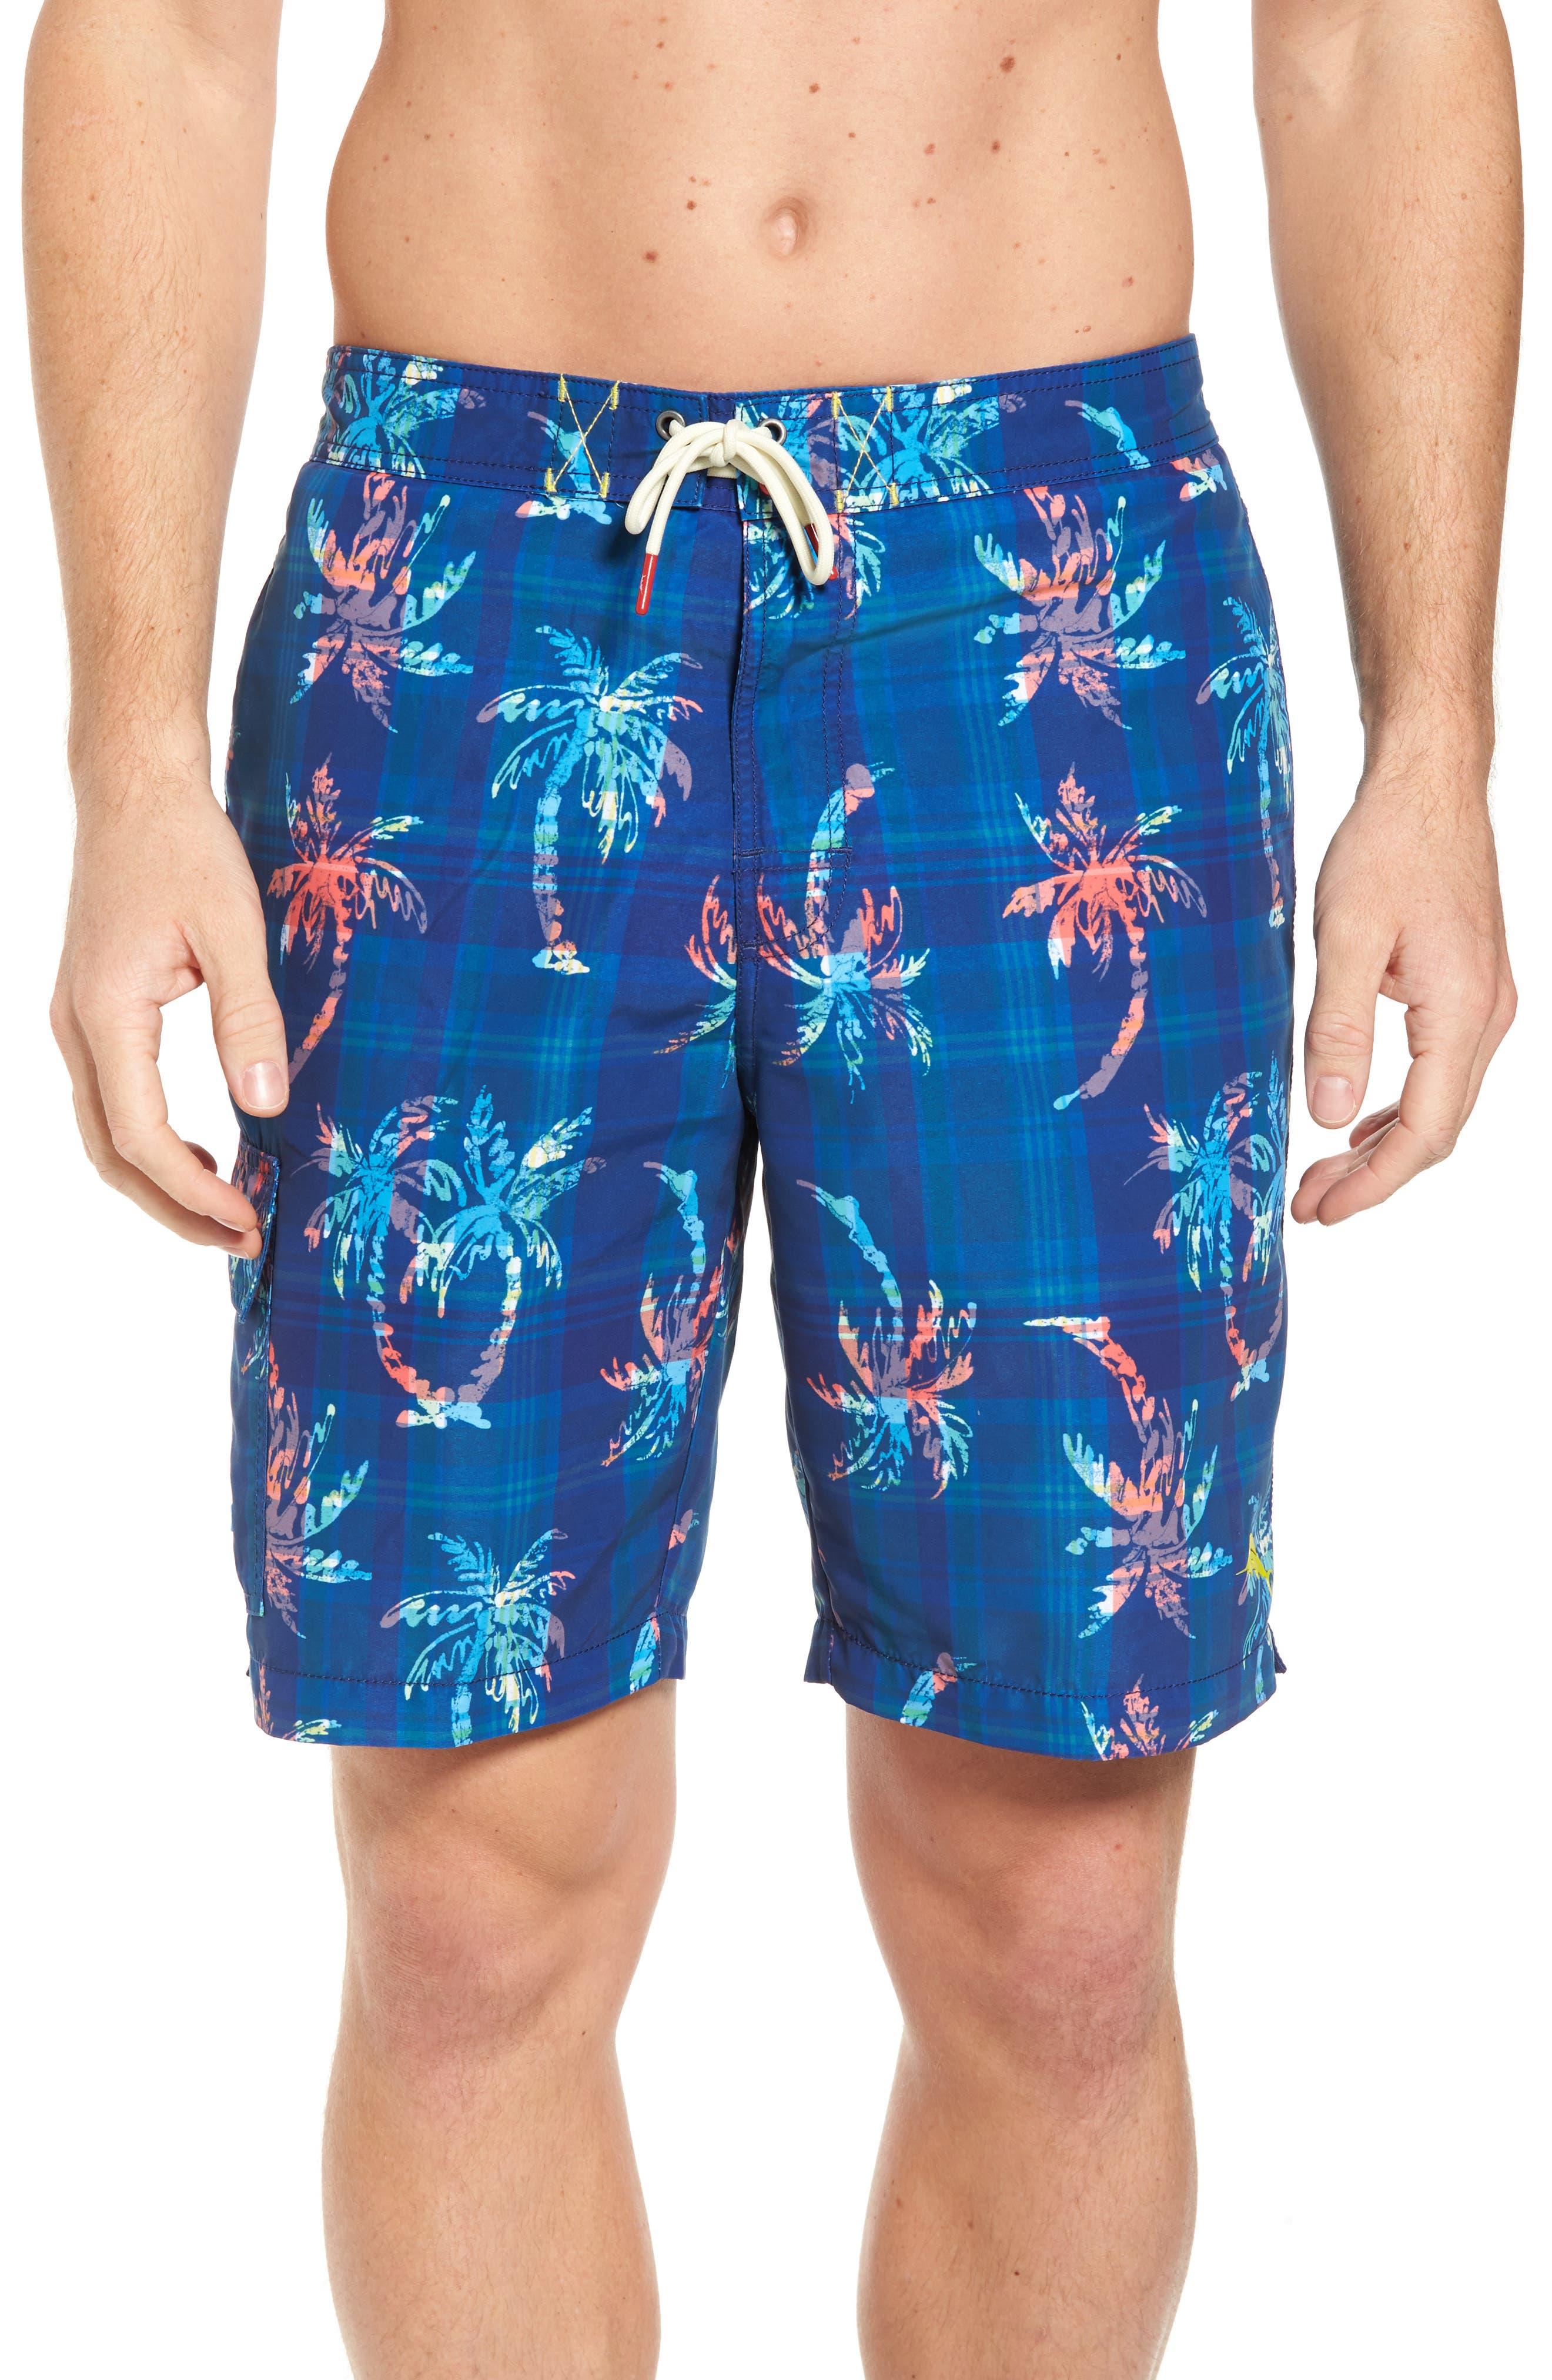 Baja Palm Illusion Swim Trunks,                             Main thumbnail 1, color,                             400